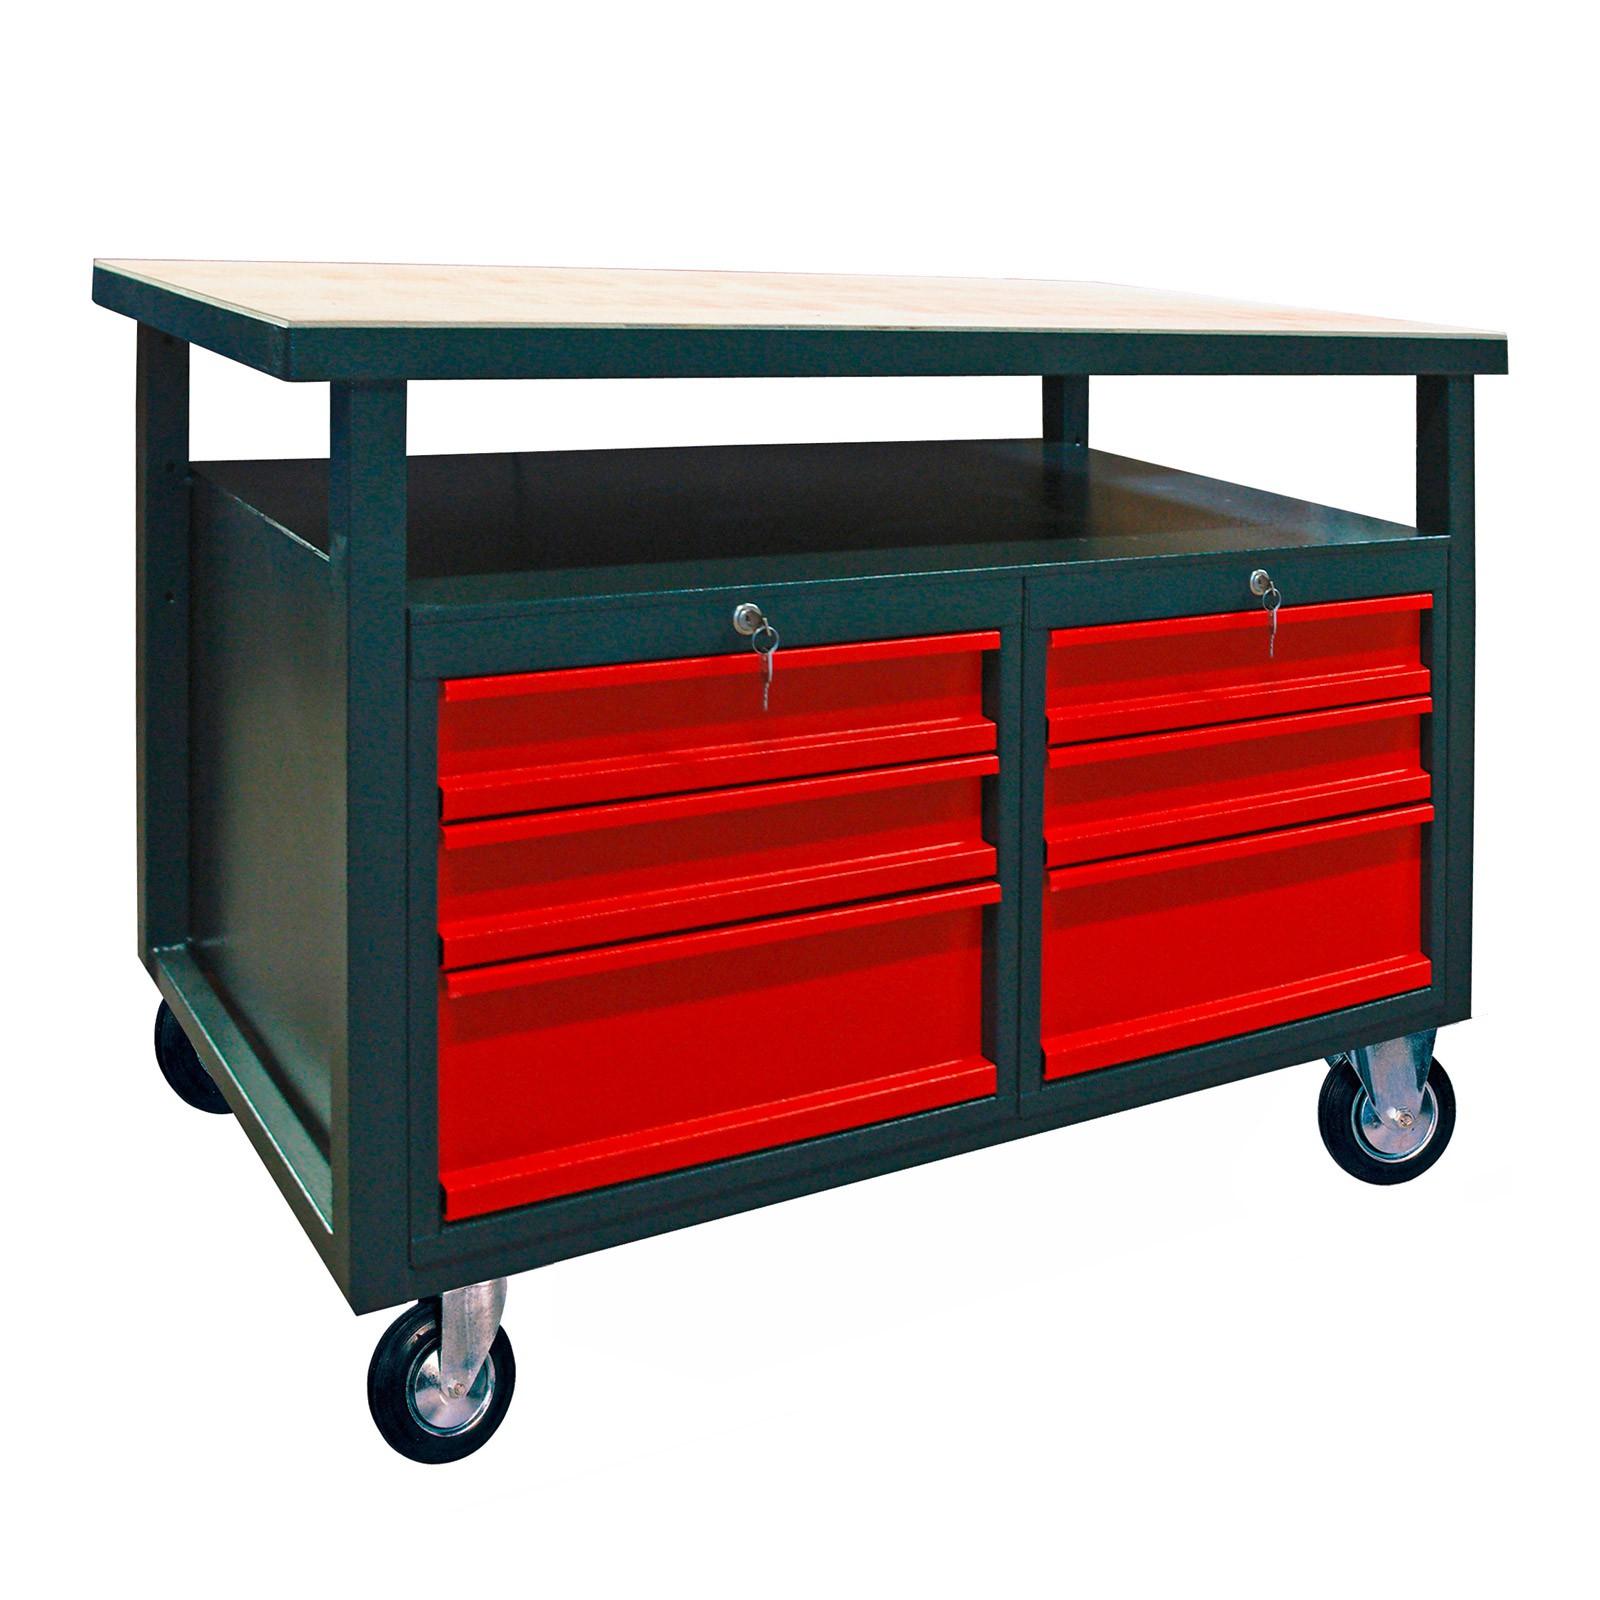 werkbank werktisch arbeitstisch werkstattwagen tisch mit rollen 6 schubladen. Black Bedroom Furniture Sets. Home Design Ideas